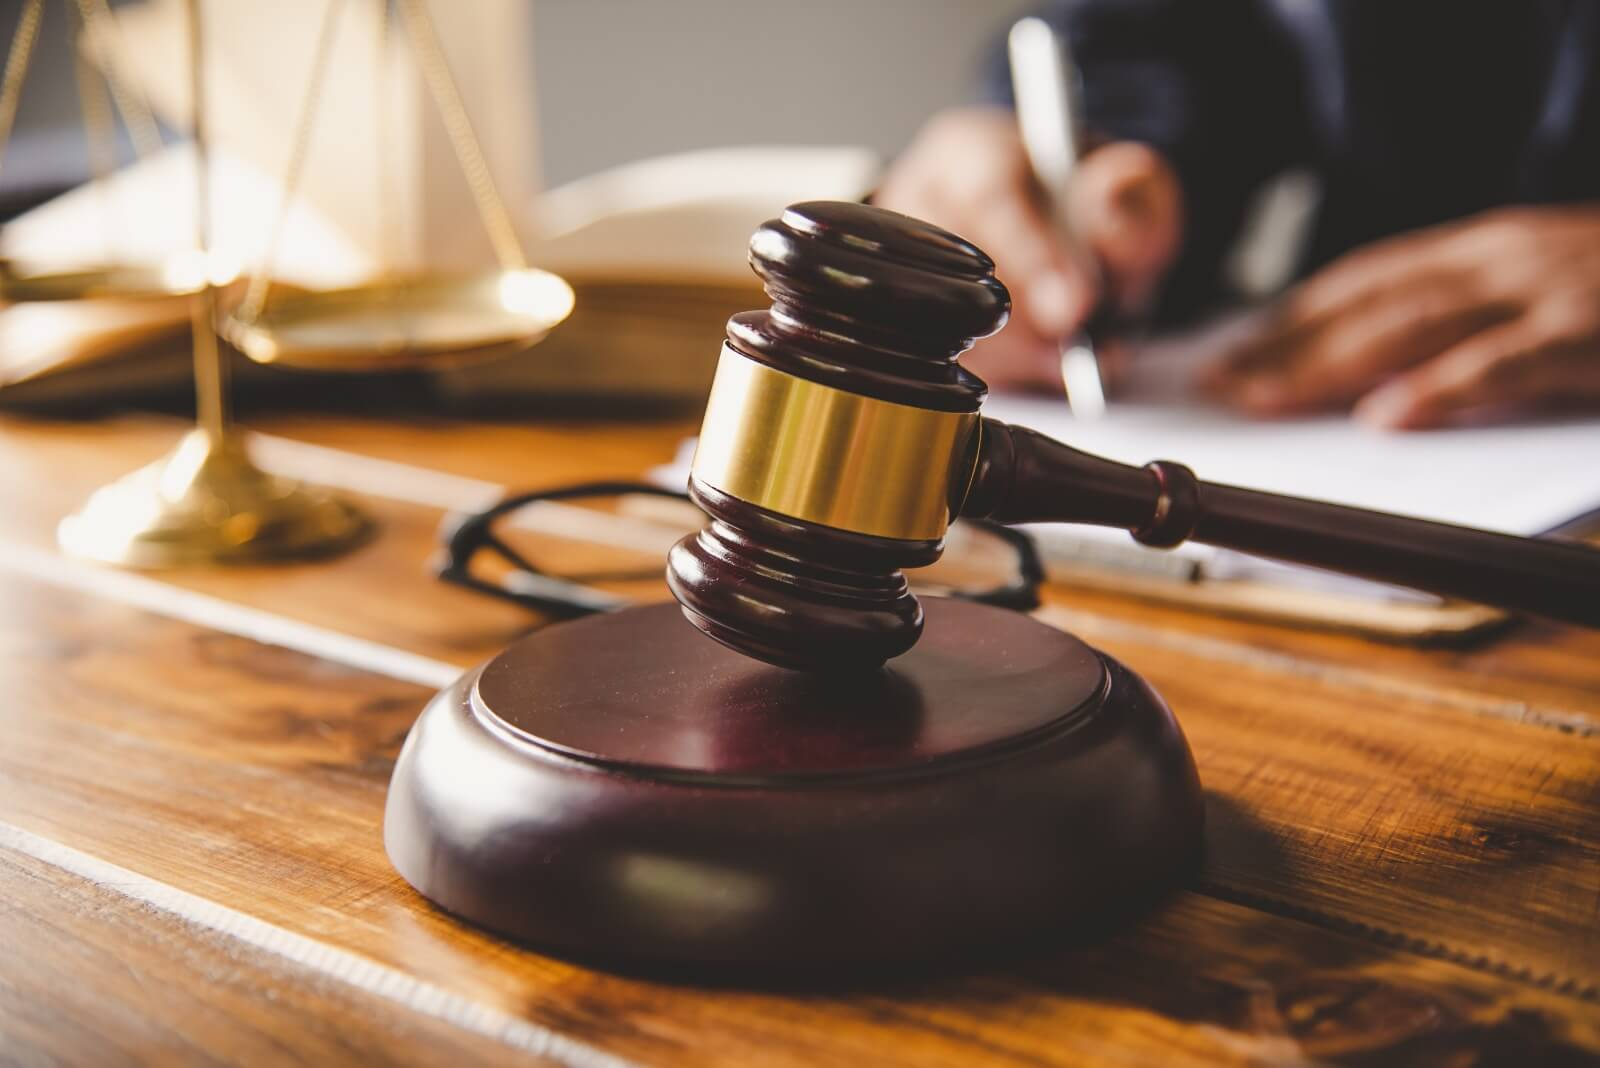 ביטול כתב אישום נגד חיילת בגין השתמטות